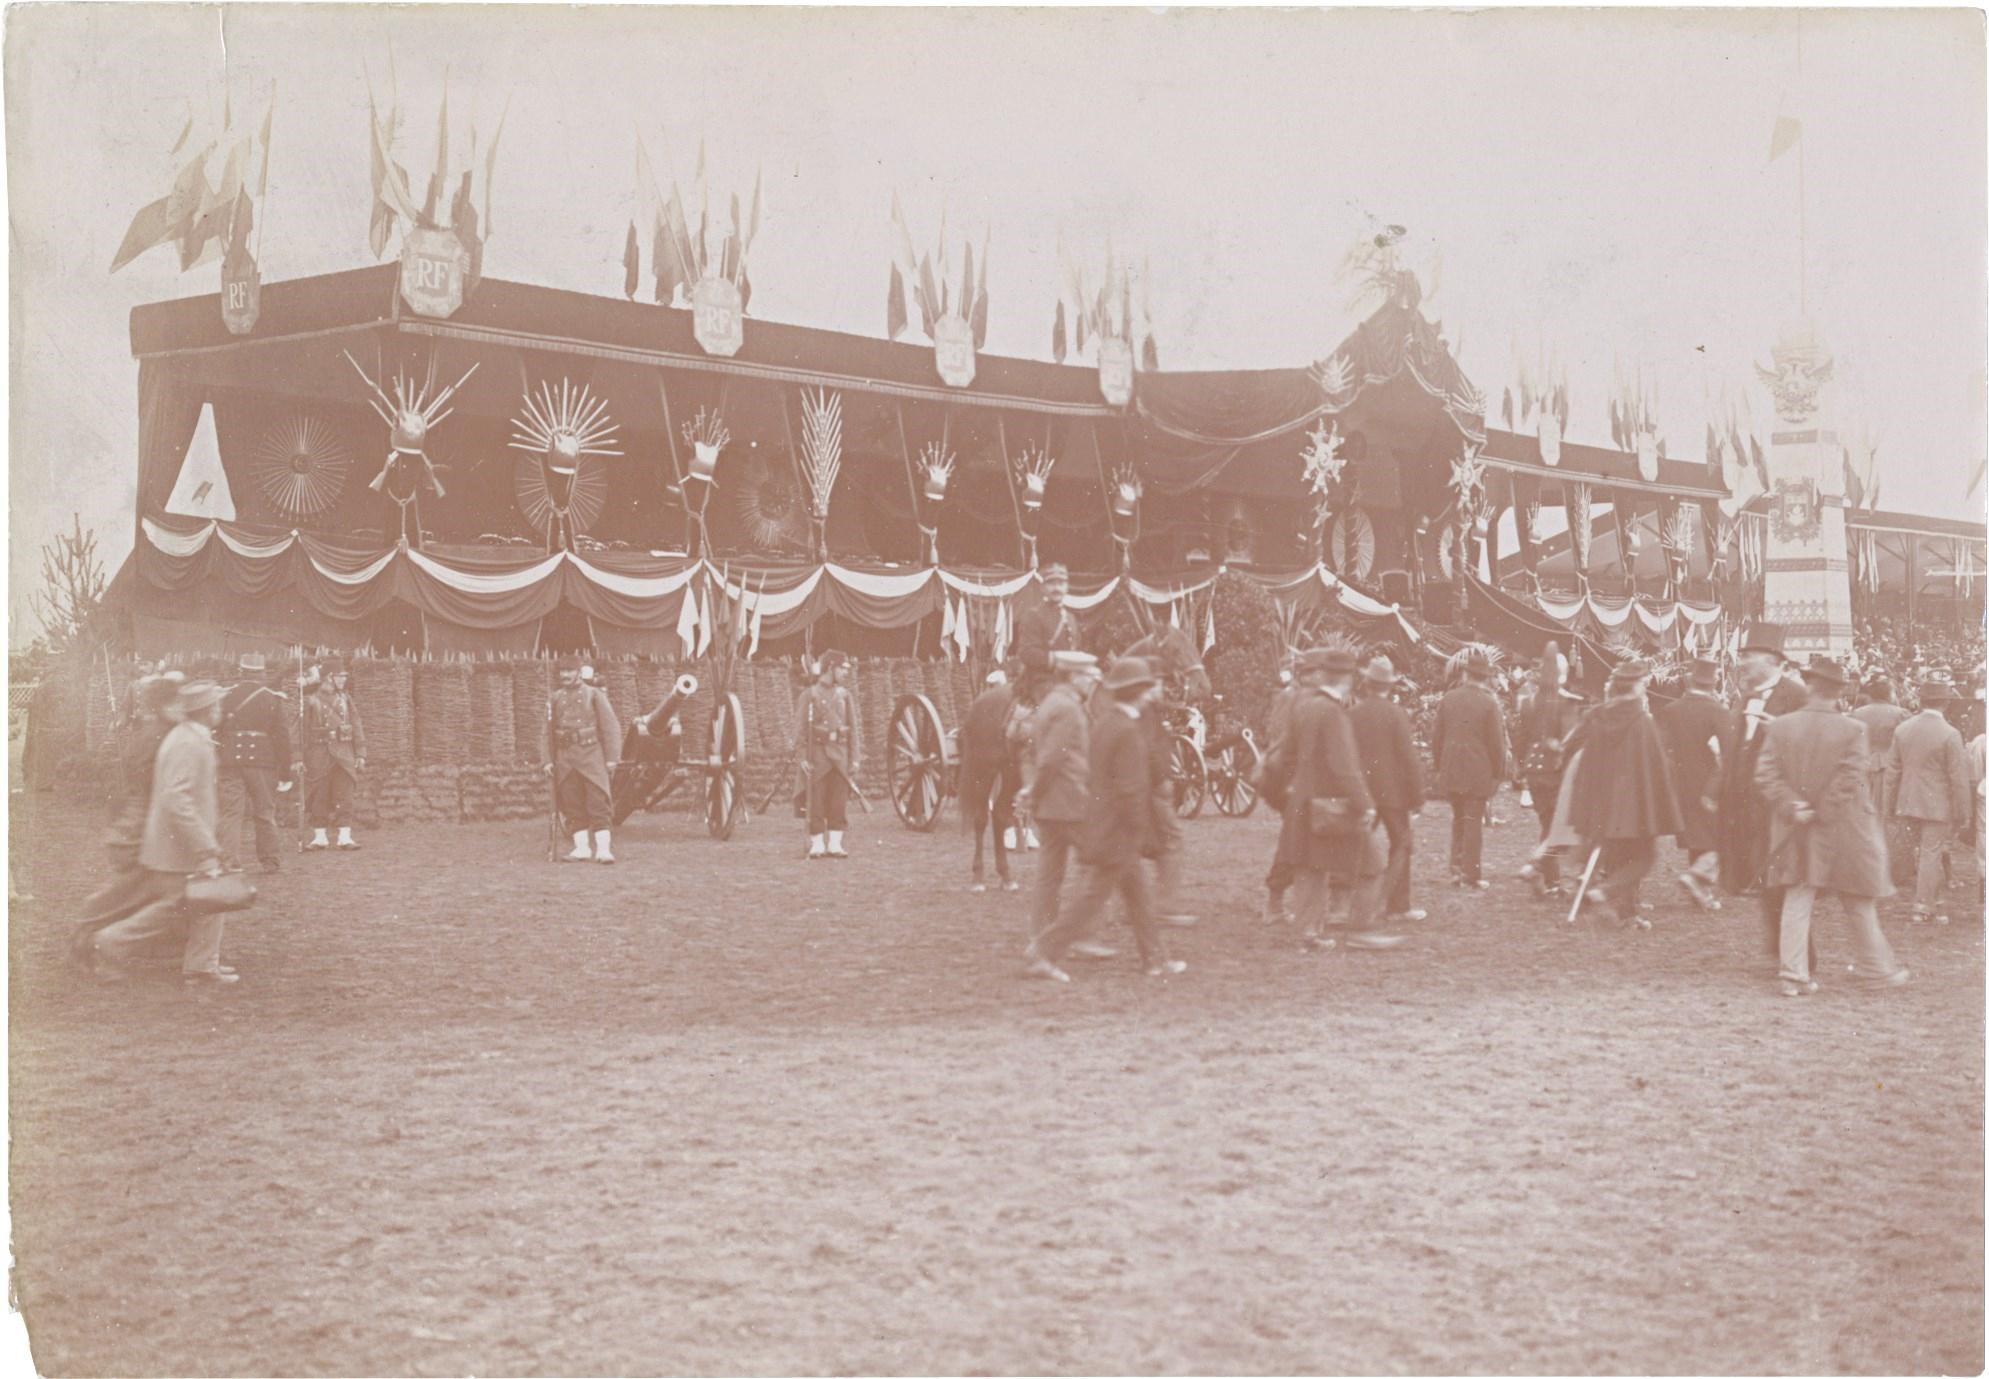 29. Церемониальное приветствие республиканской гвардии перед парадом в честь прибытие императора Николая II и императрицы Александры Федоровны в Париж.